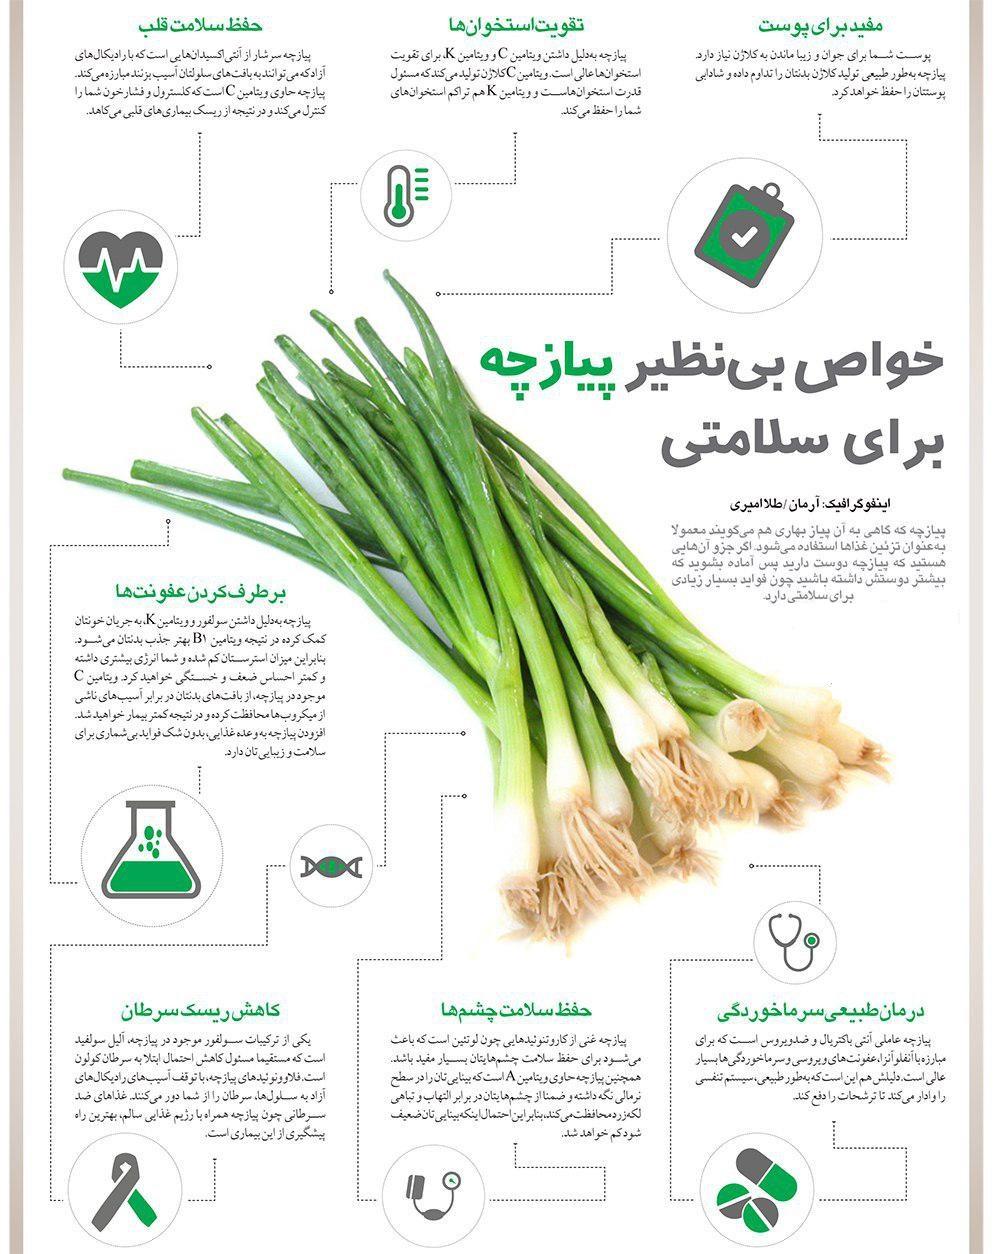 سبزی مفید برای درمان فوری سرماخوردگی+ اینفوگرافی